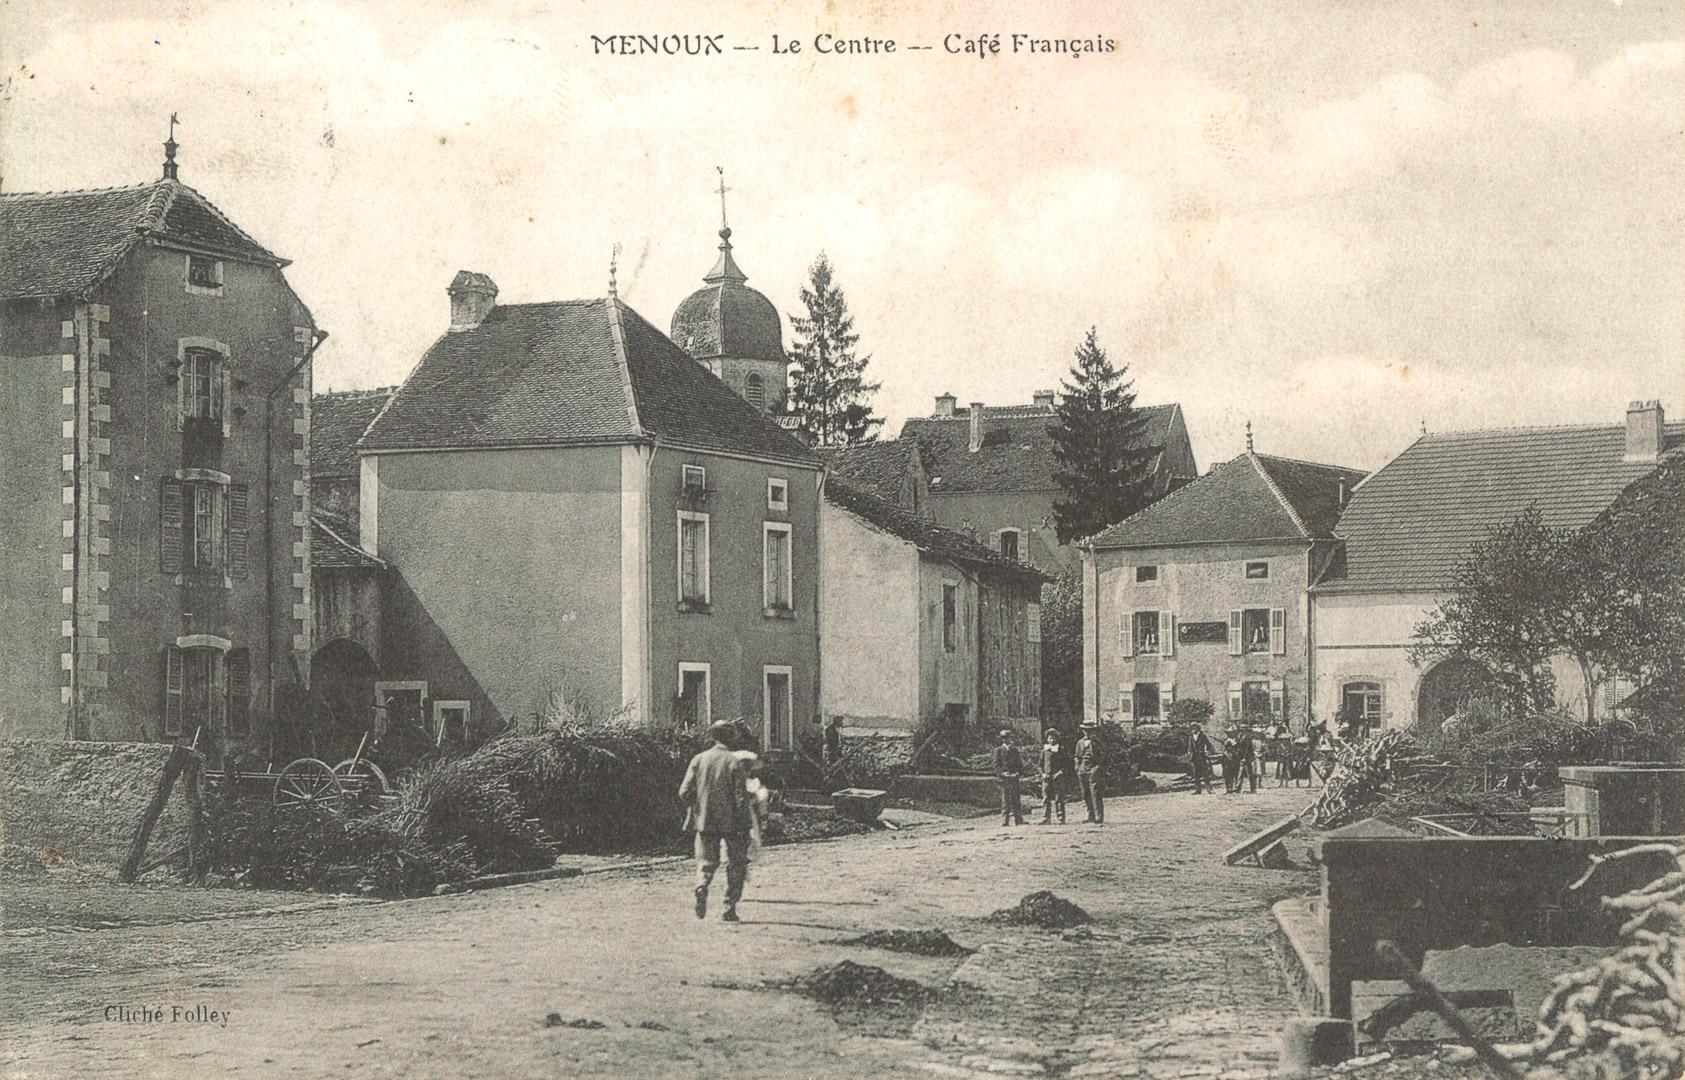 1900-1920_Menoux-cartPost-9